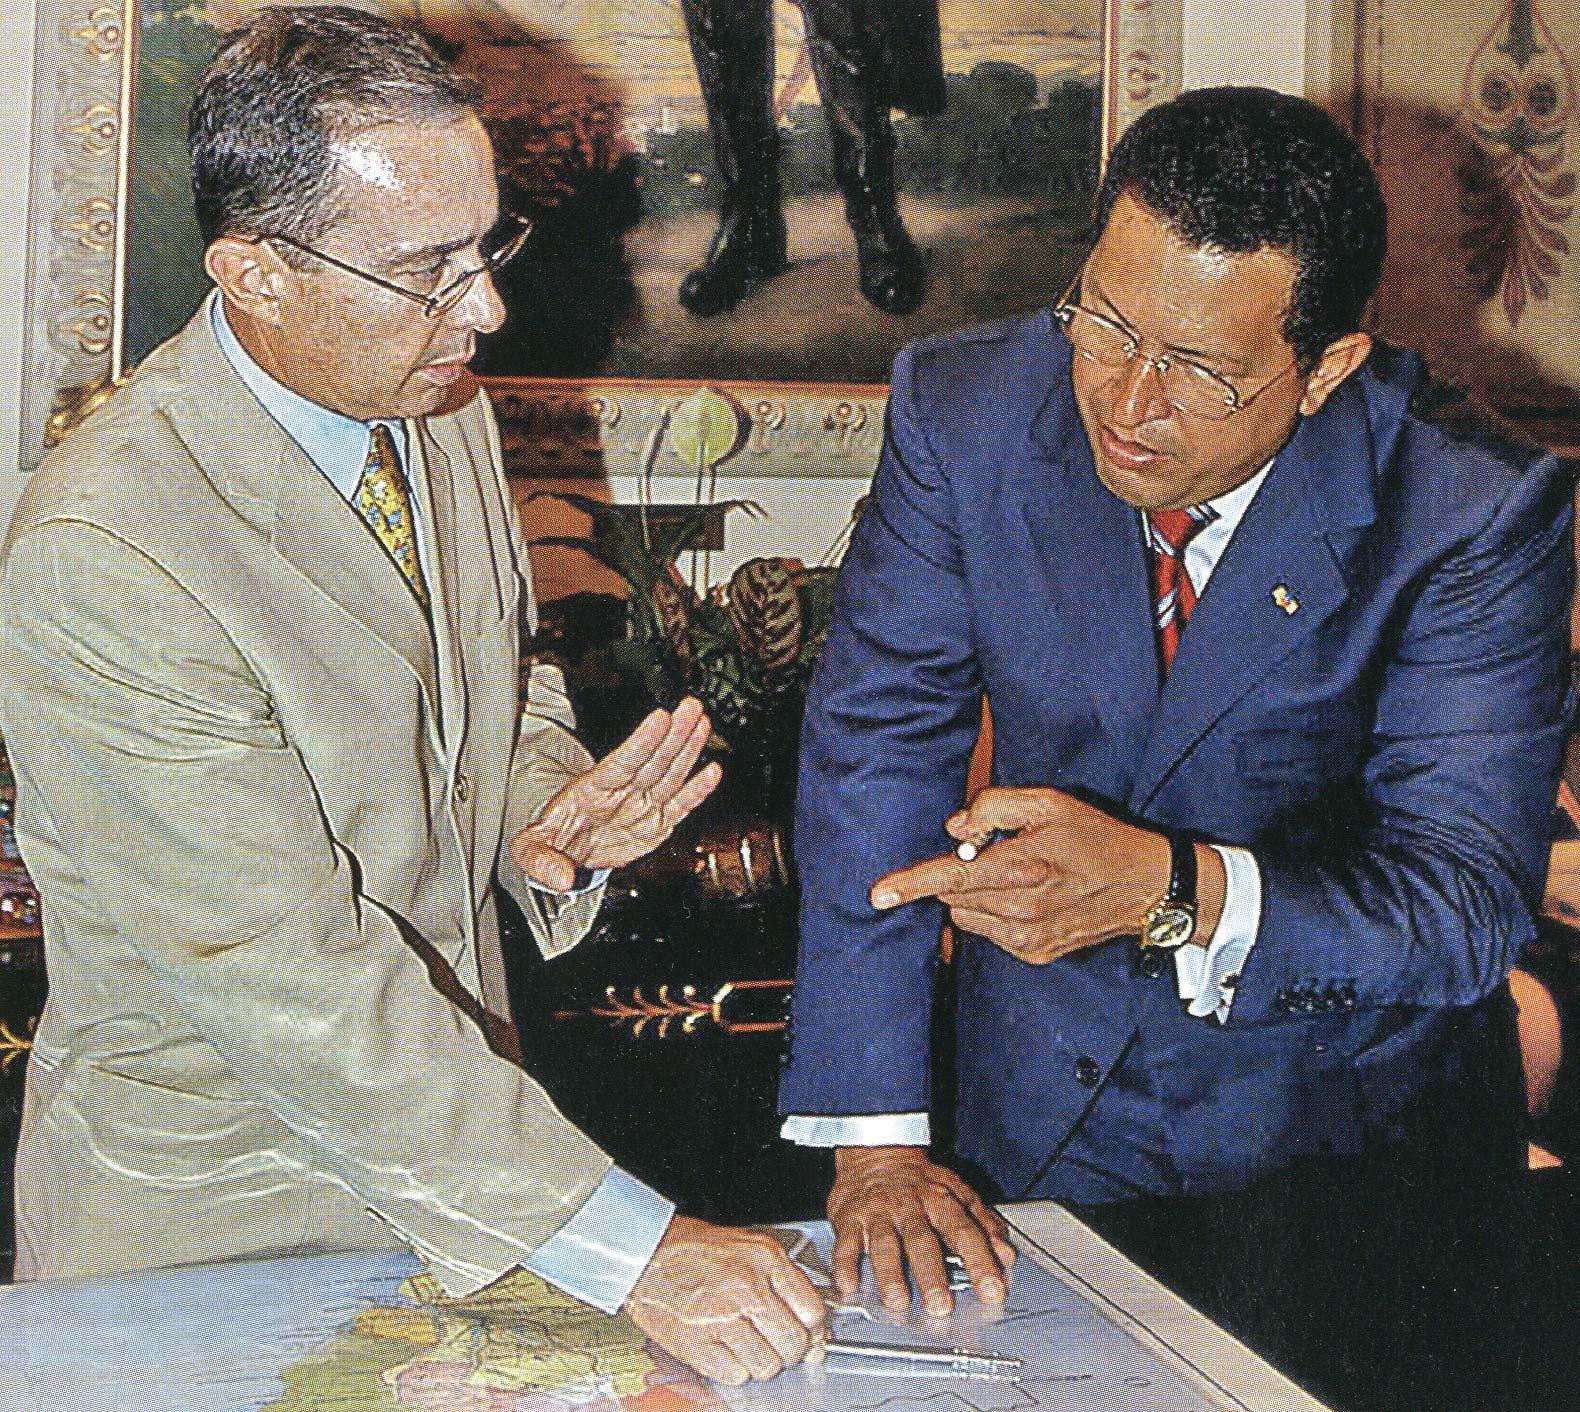 Fonte 4: Il presidente venezuelano Hugo Chávez e il suo omologo colombiano Álvaro Uribe si incontrano a Caracas nel tentativo di porre fine a una delle ripetute crisi diplomatiche tra i due paesi, 15 febbraio 2005.